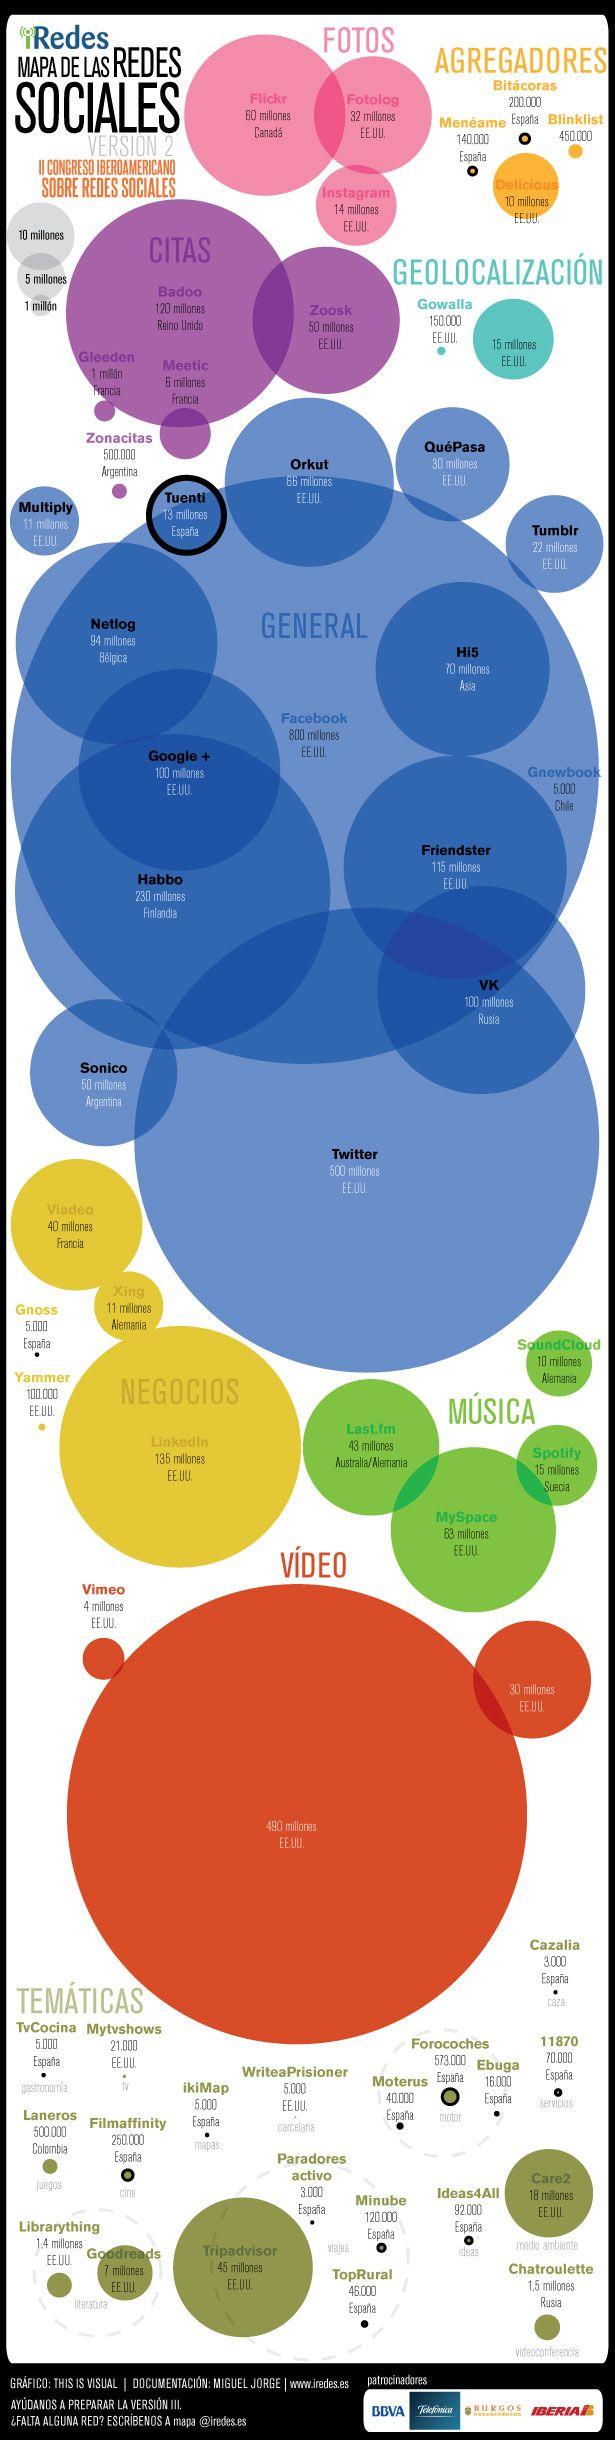 Mapa de las redes sociales 2012 - iRedes